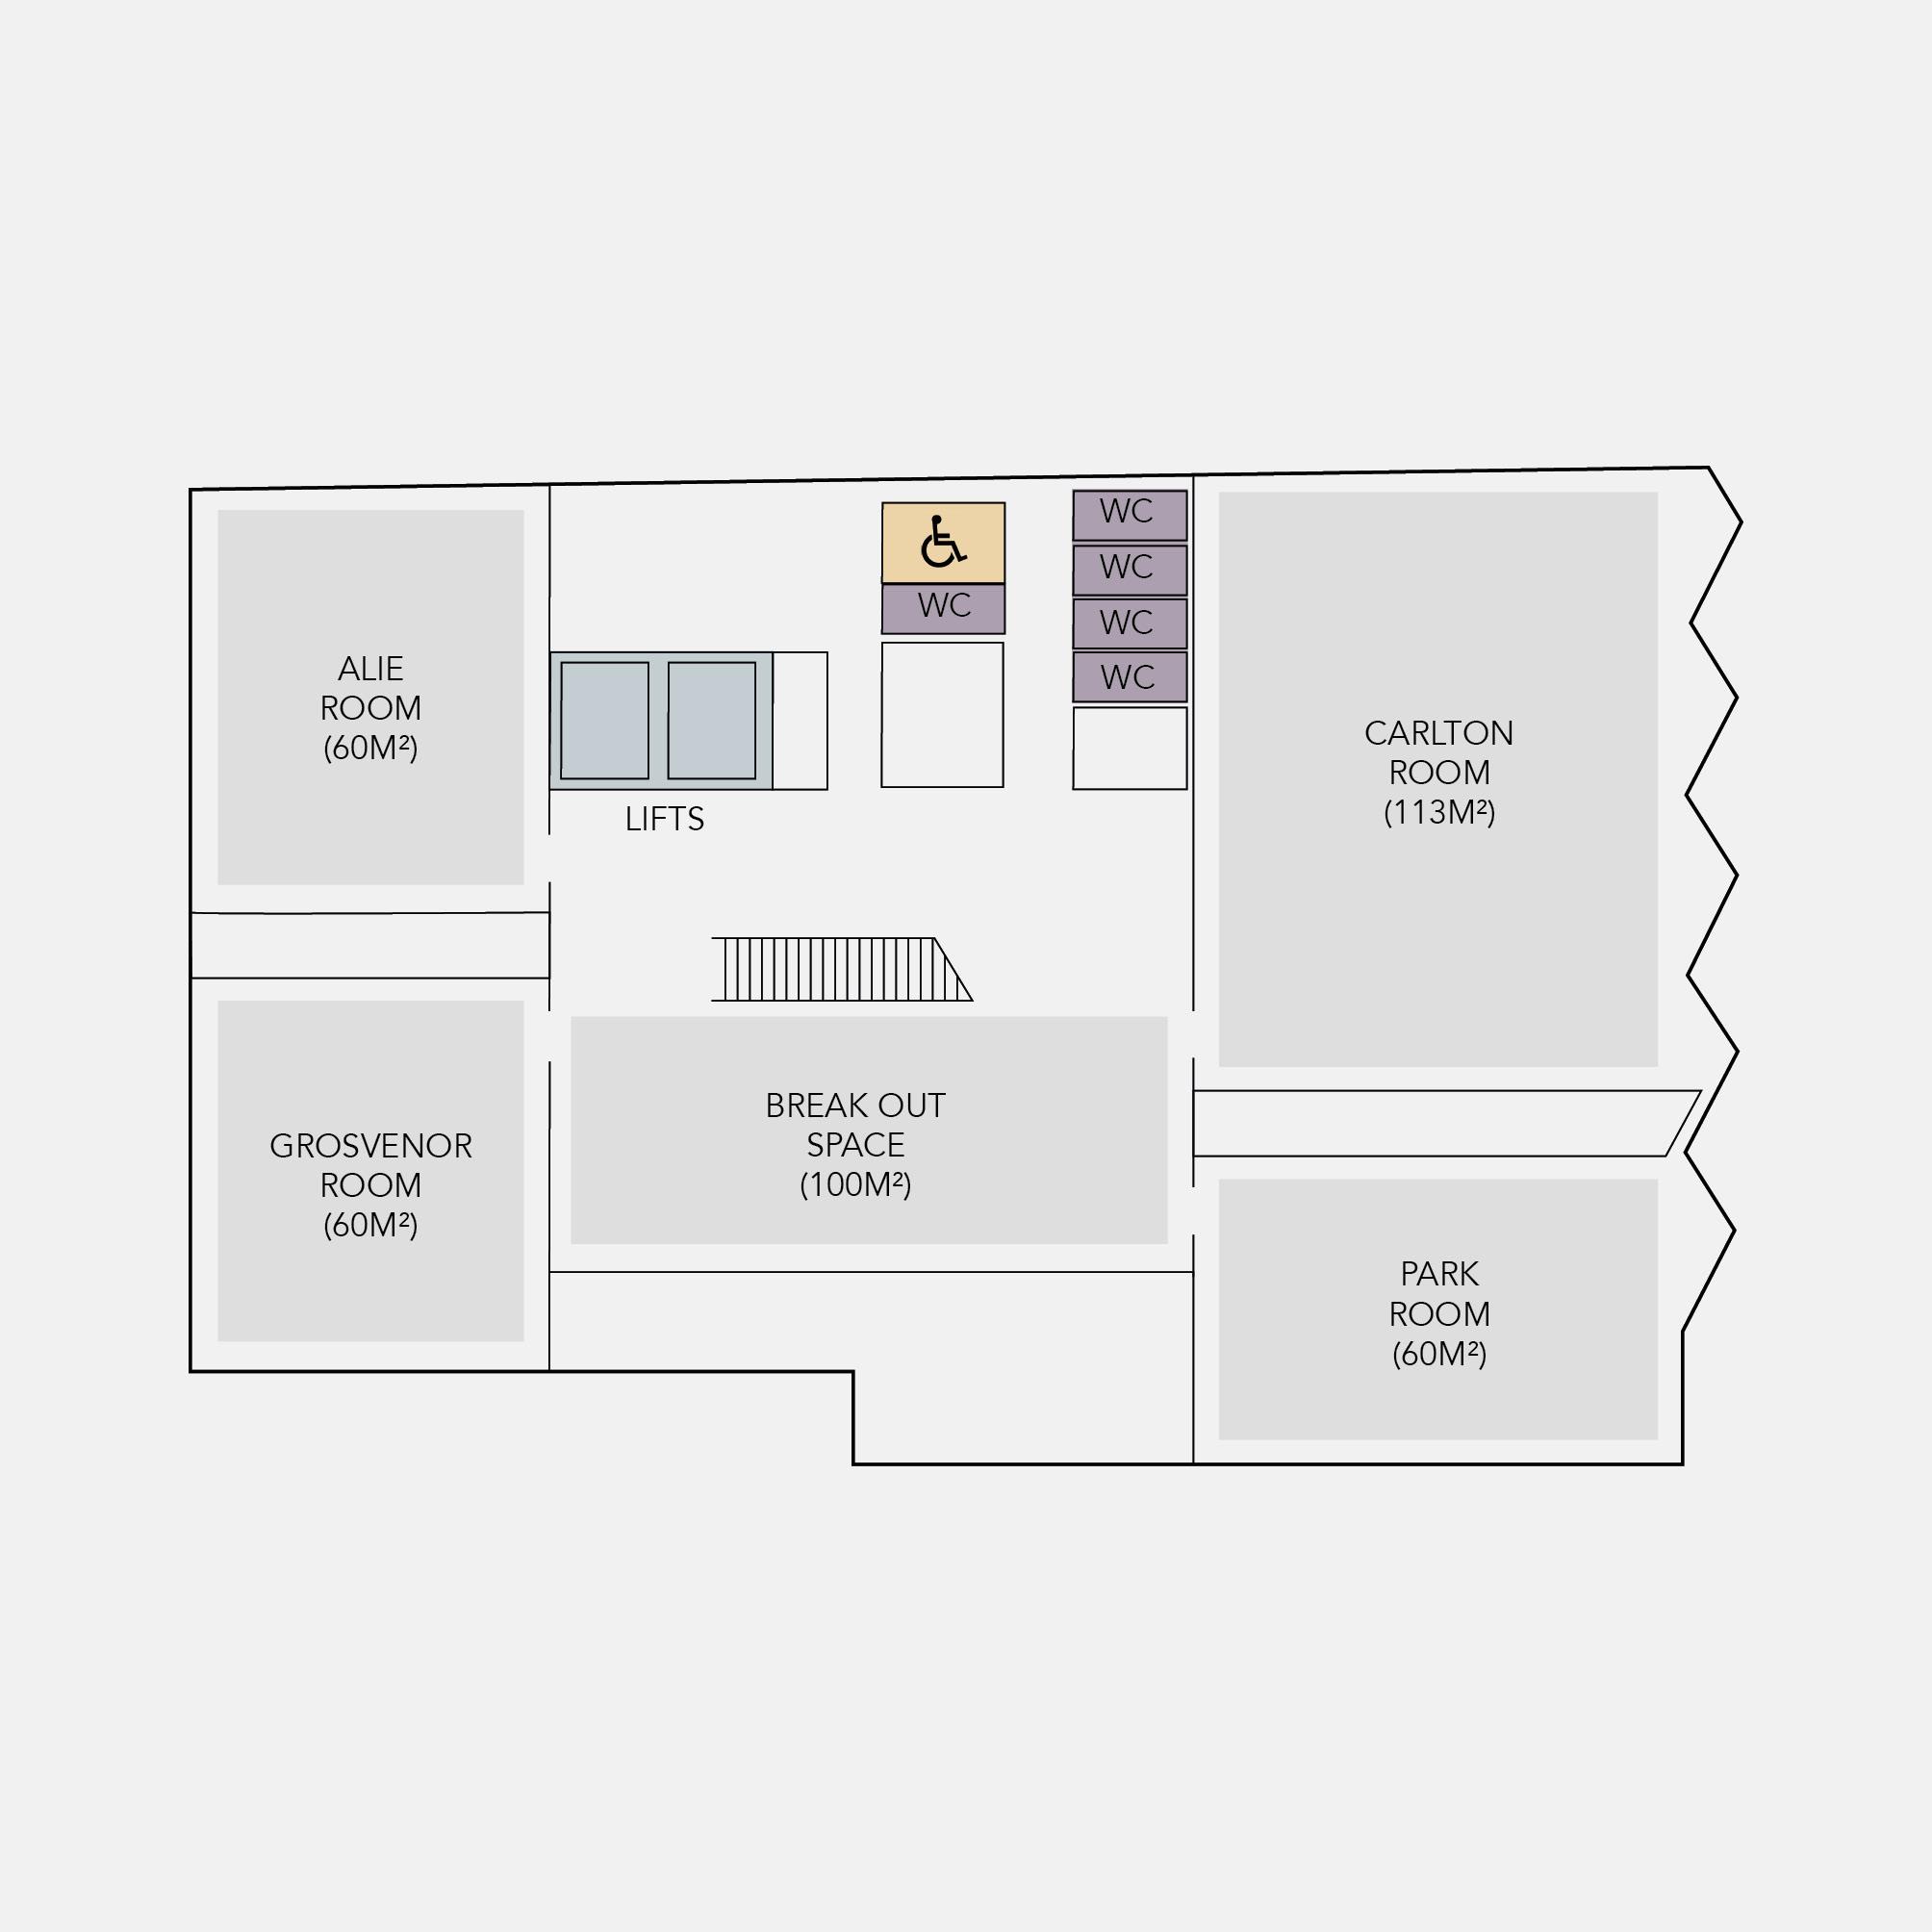 Events Floor plans2.jpg